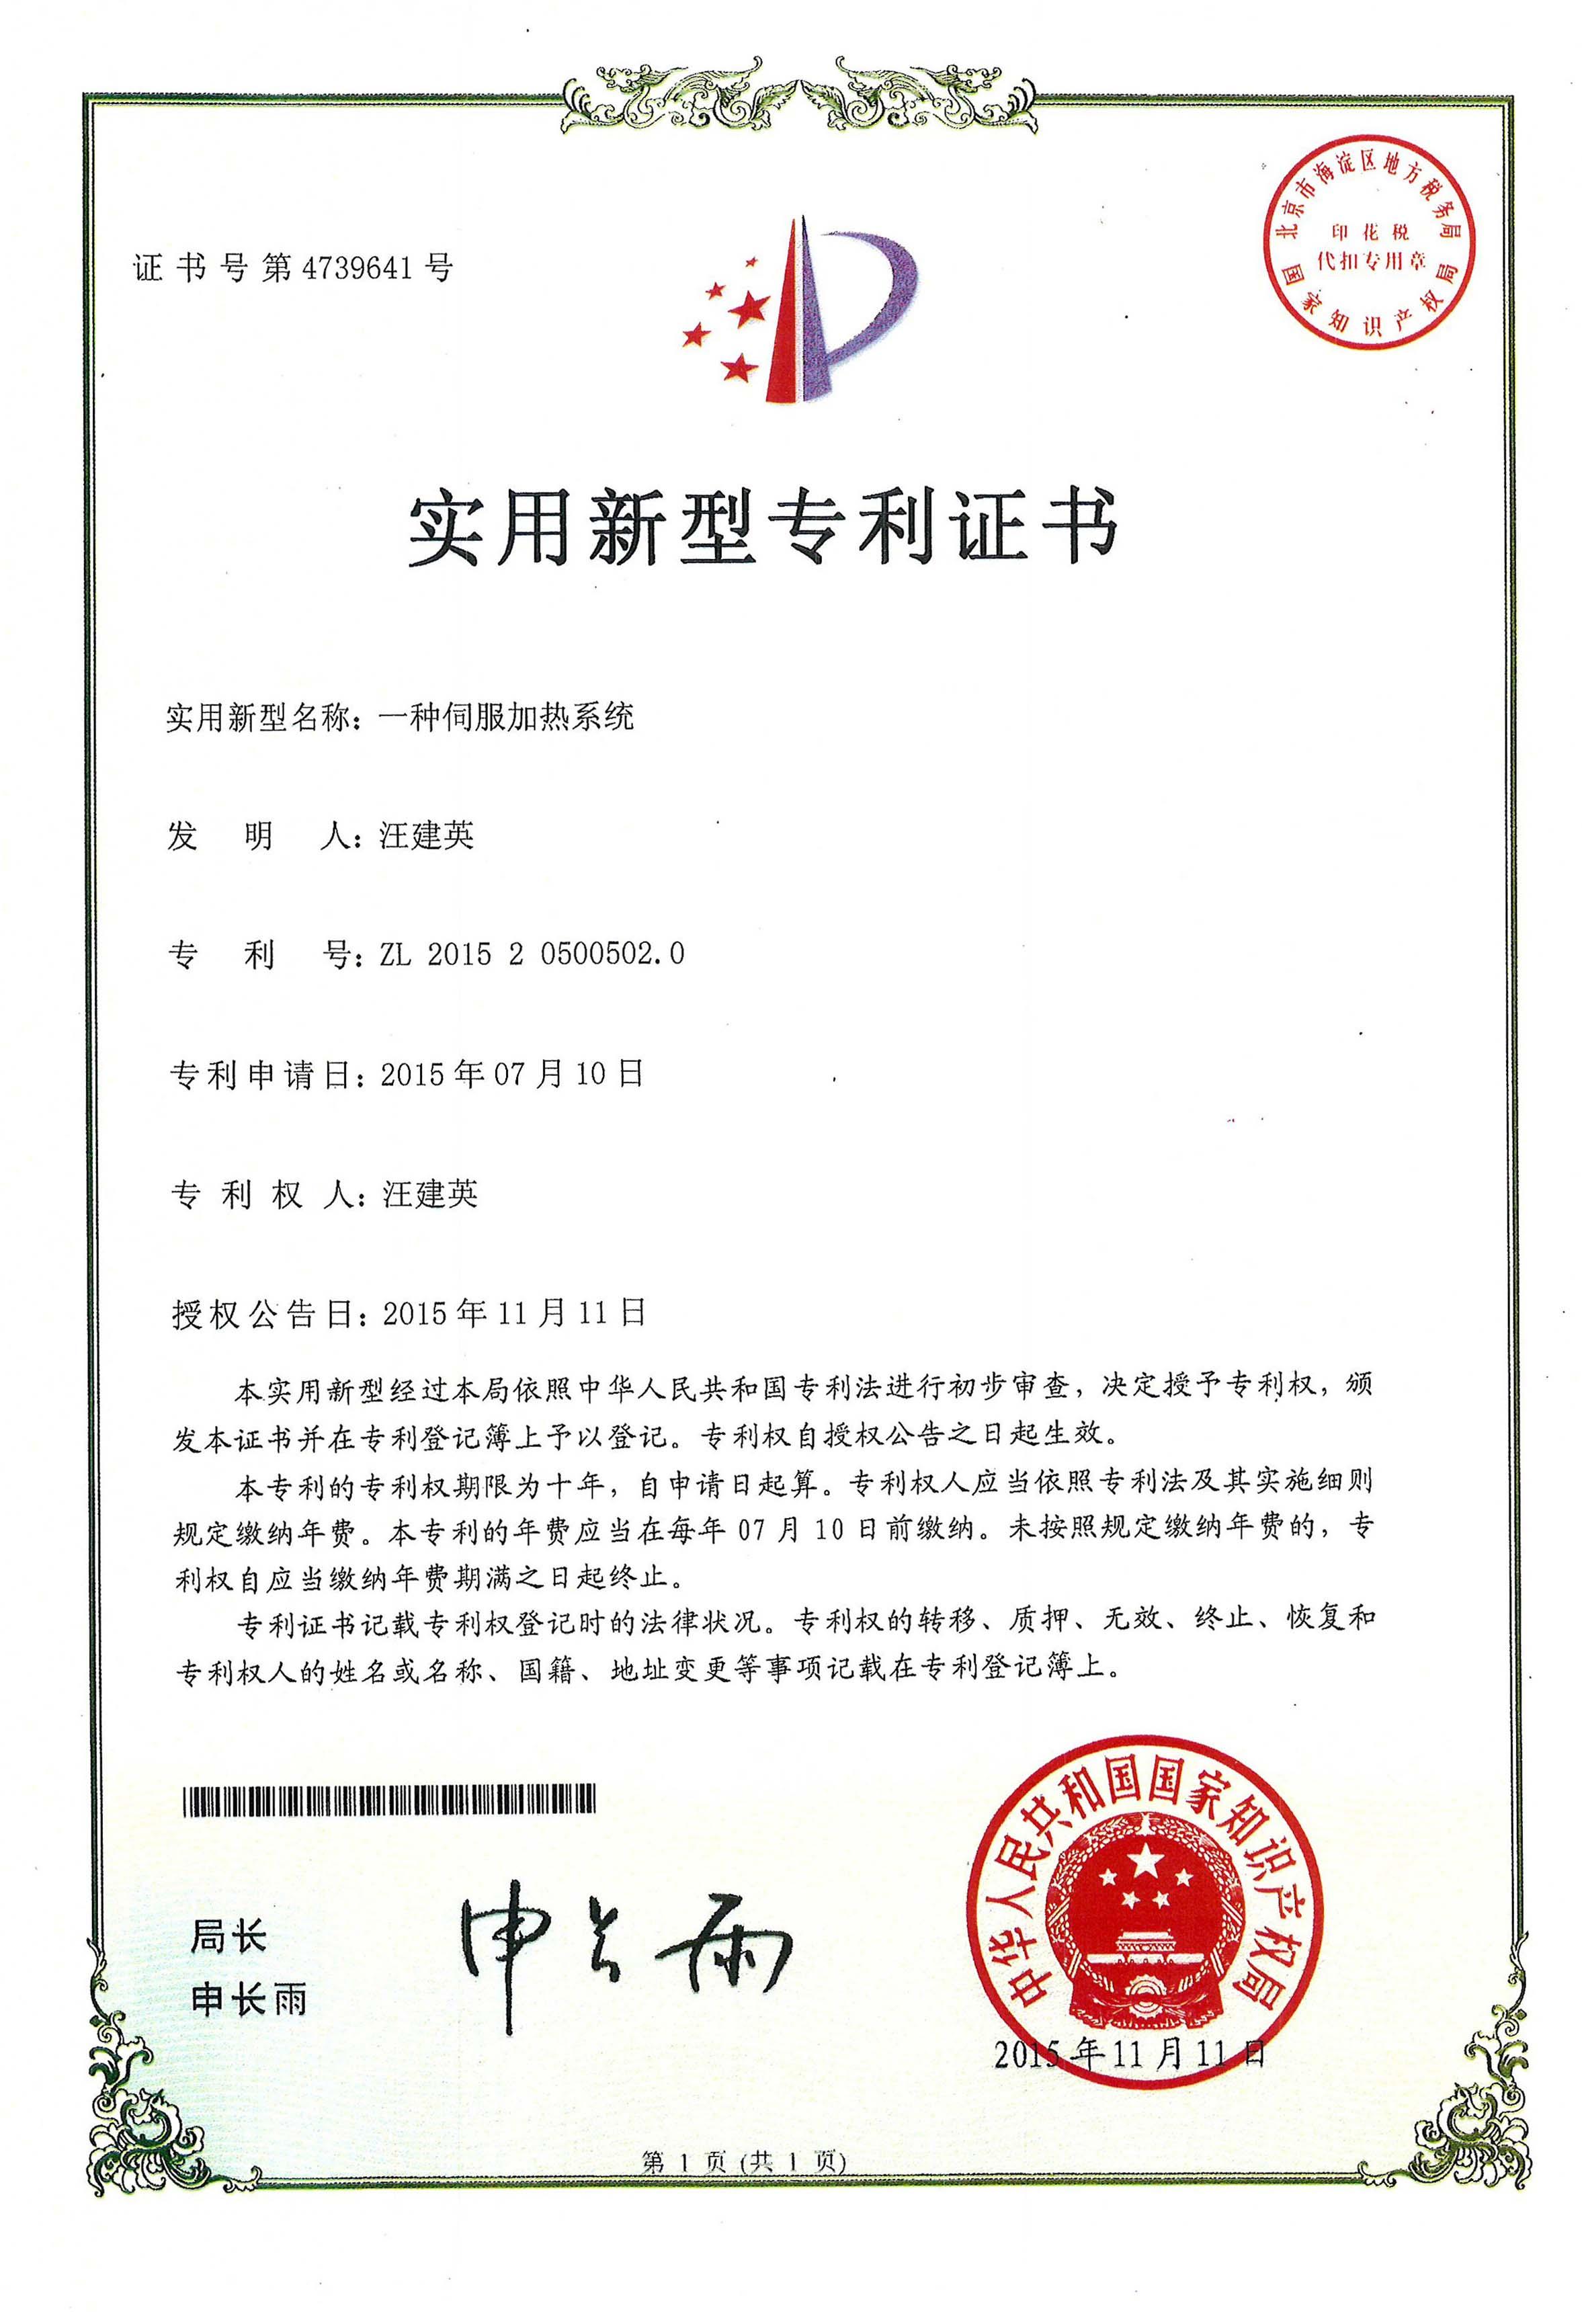 电磁加热实用新型专利证书